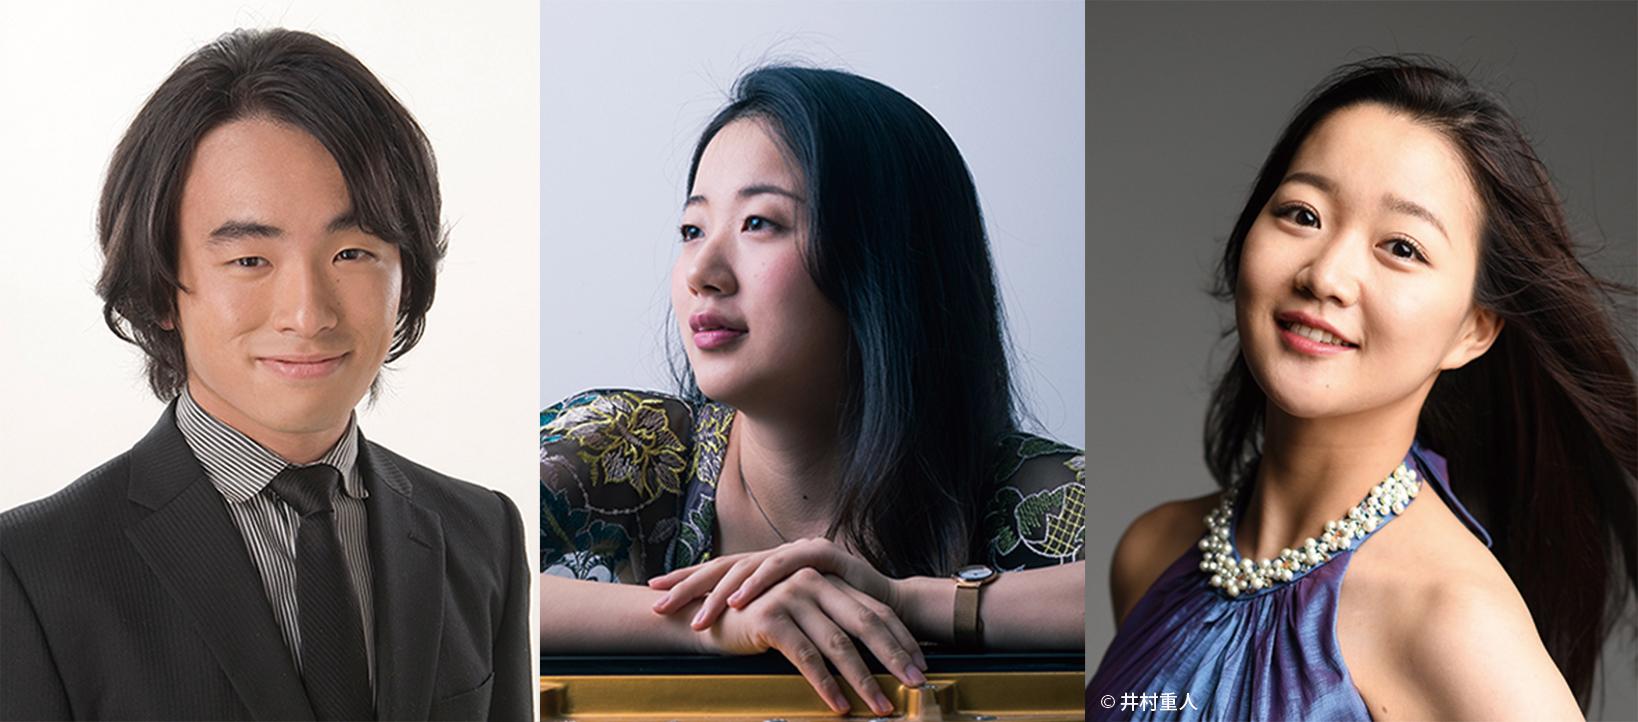 第4回日本ショパンピアノコンクール2019 入賞者によるショパンのコンチェルト!!(弦楽六重奏版)